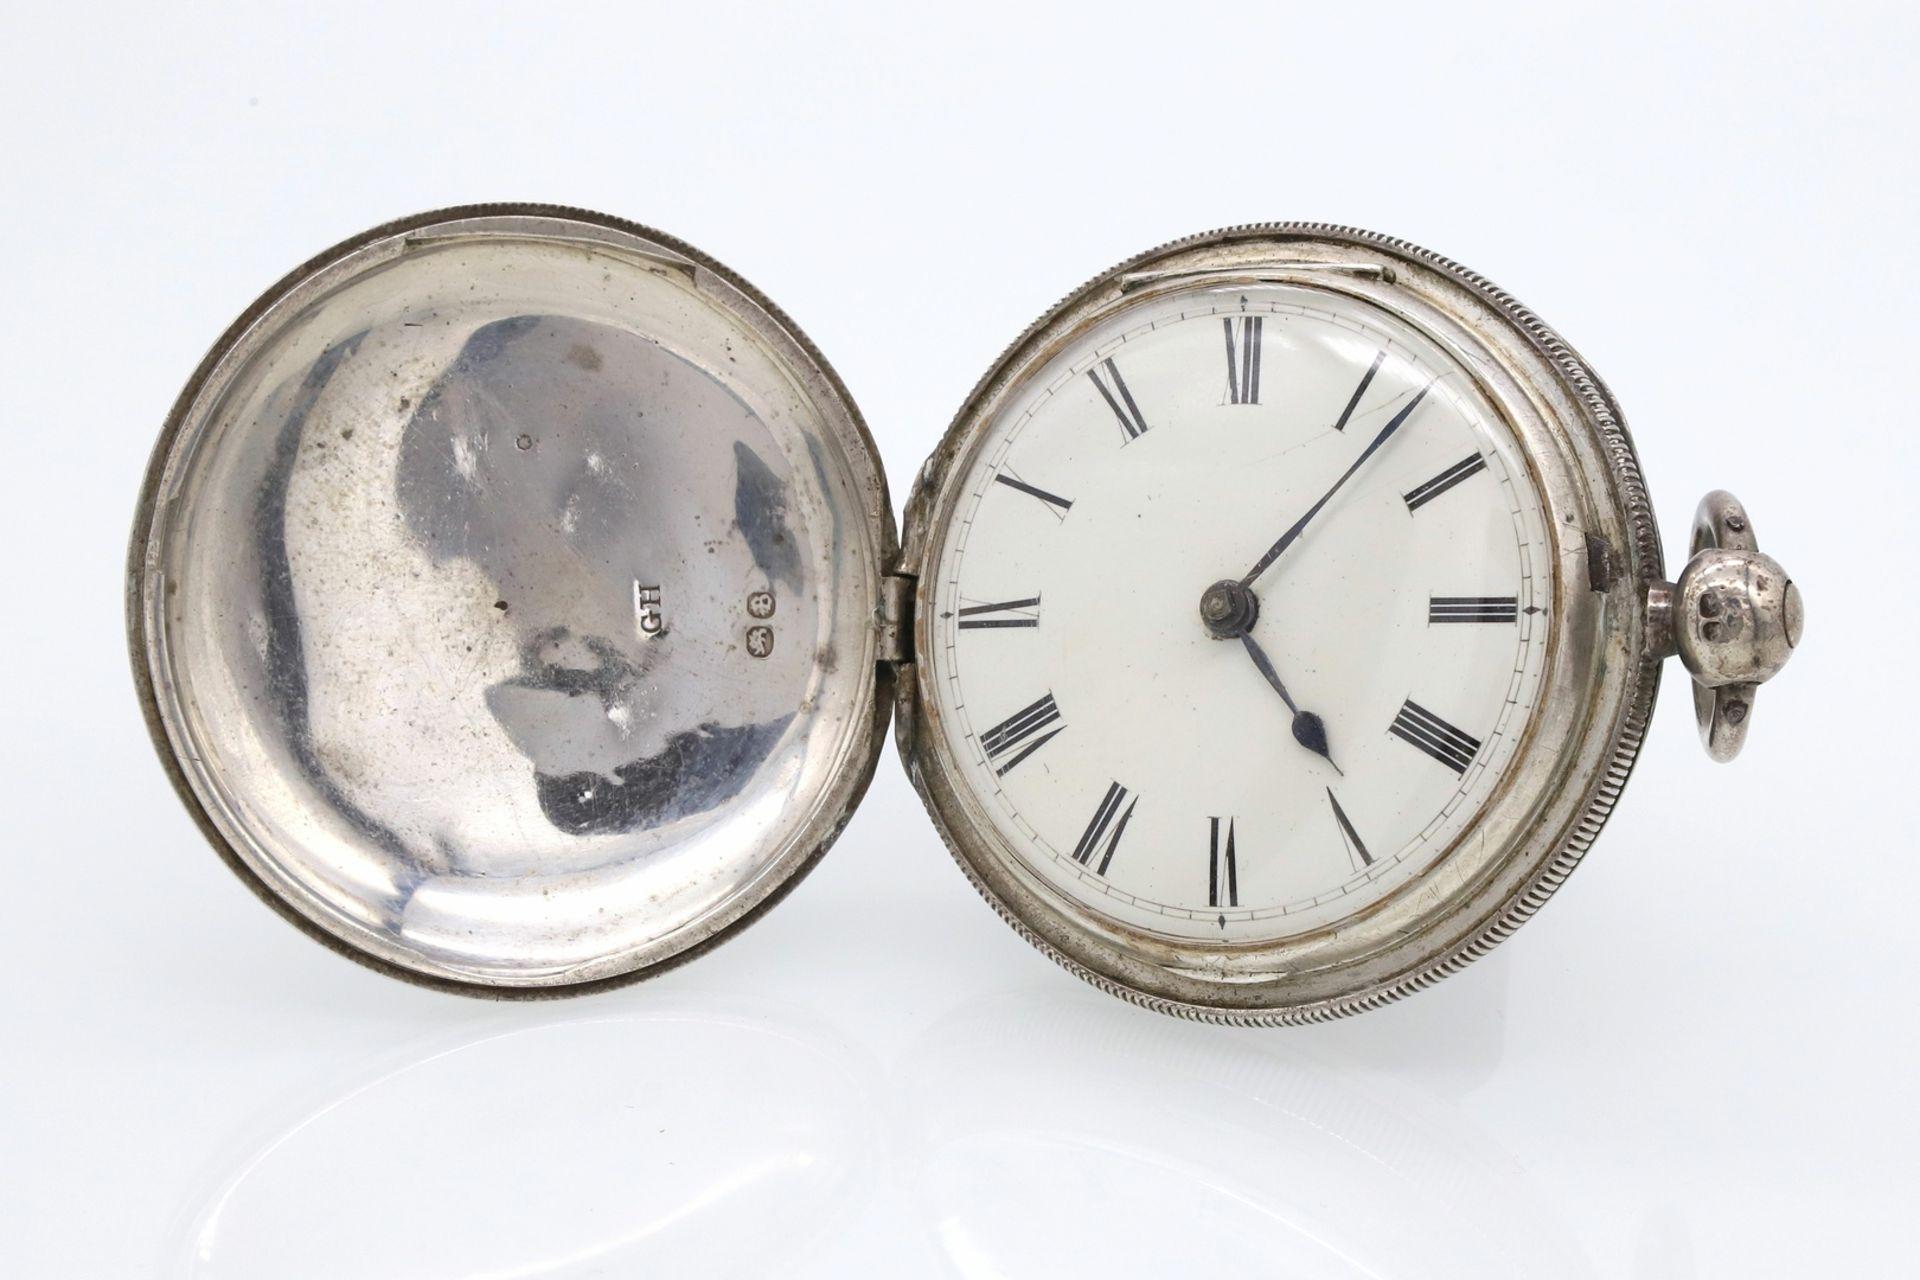 Bennet Wing London Spindeltaschenuhr mit Sprungdeckel, 1837 - Bild 6 aus 6